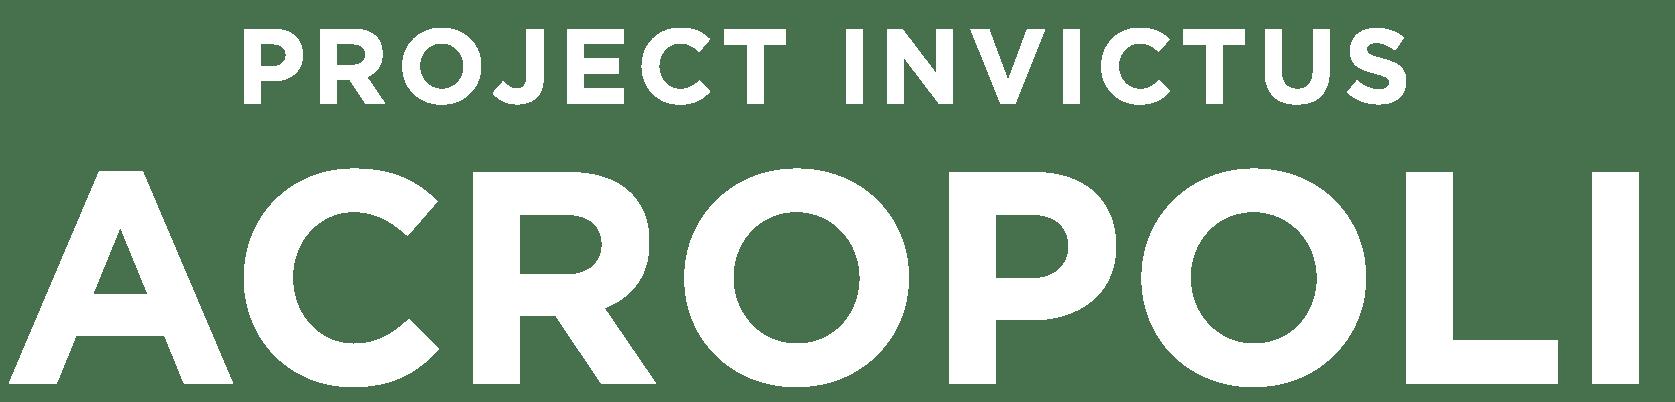 Acropoli Invictus logo